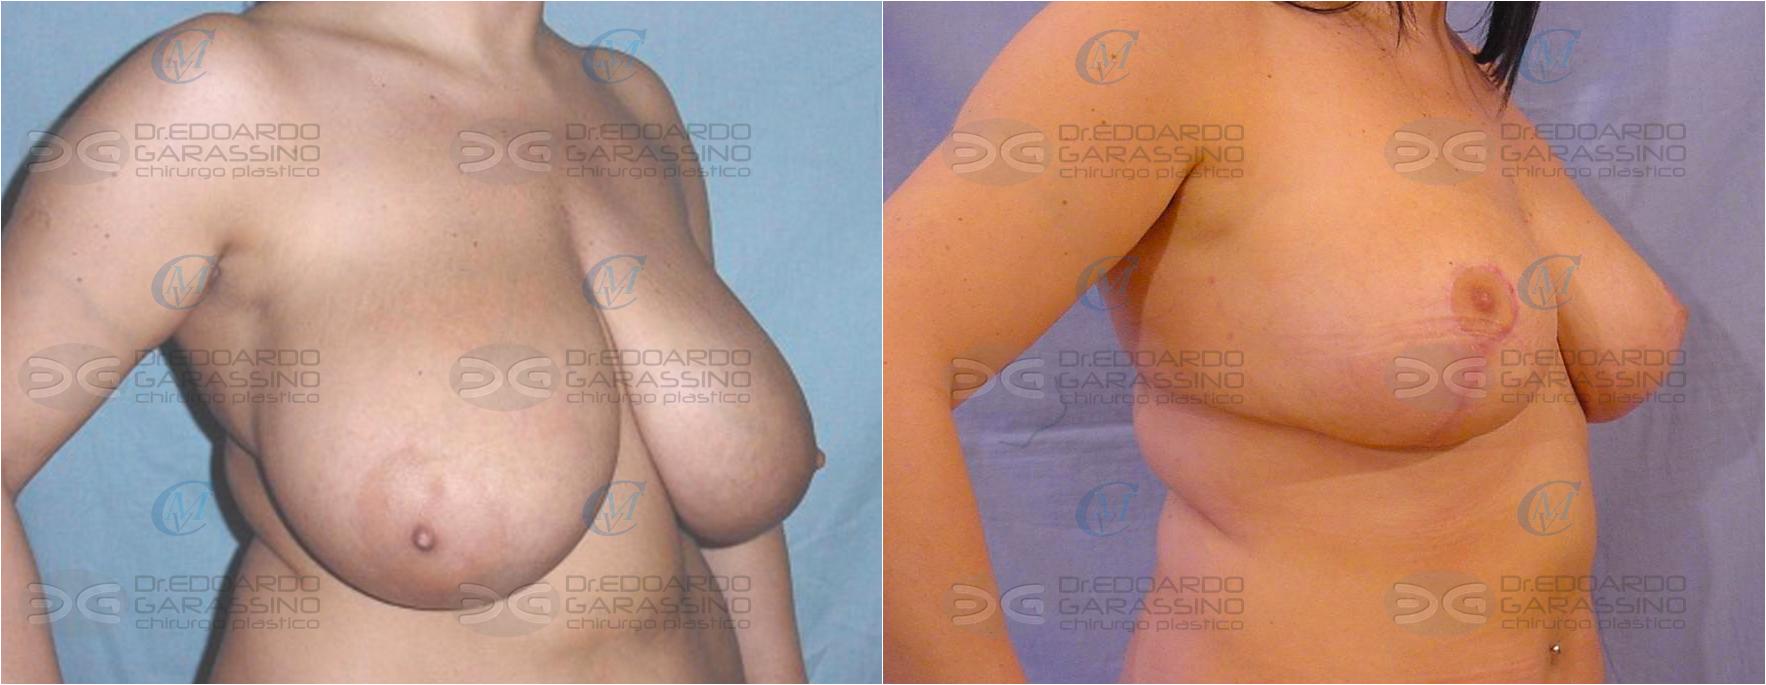 mastoriduttiva-before-after+filigrana